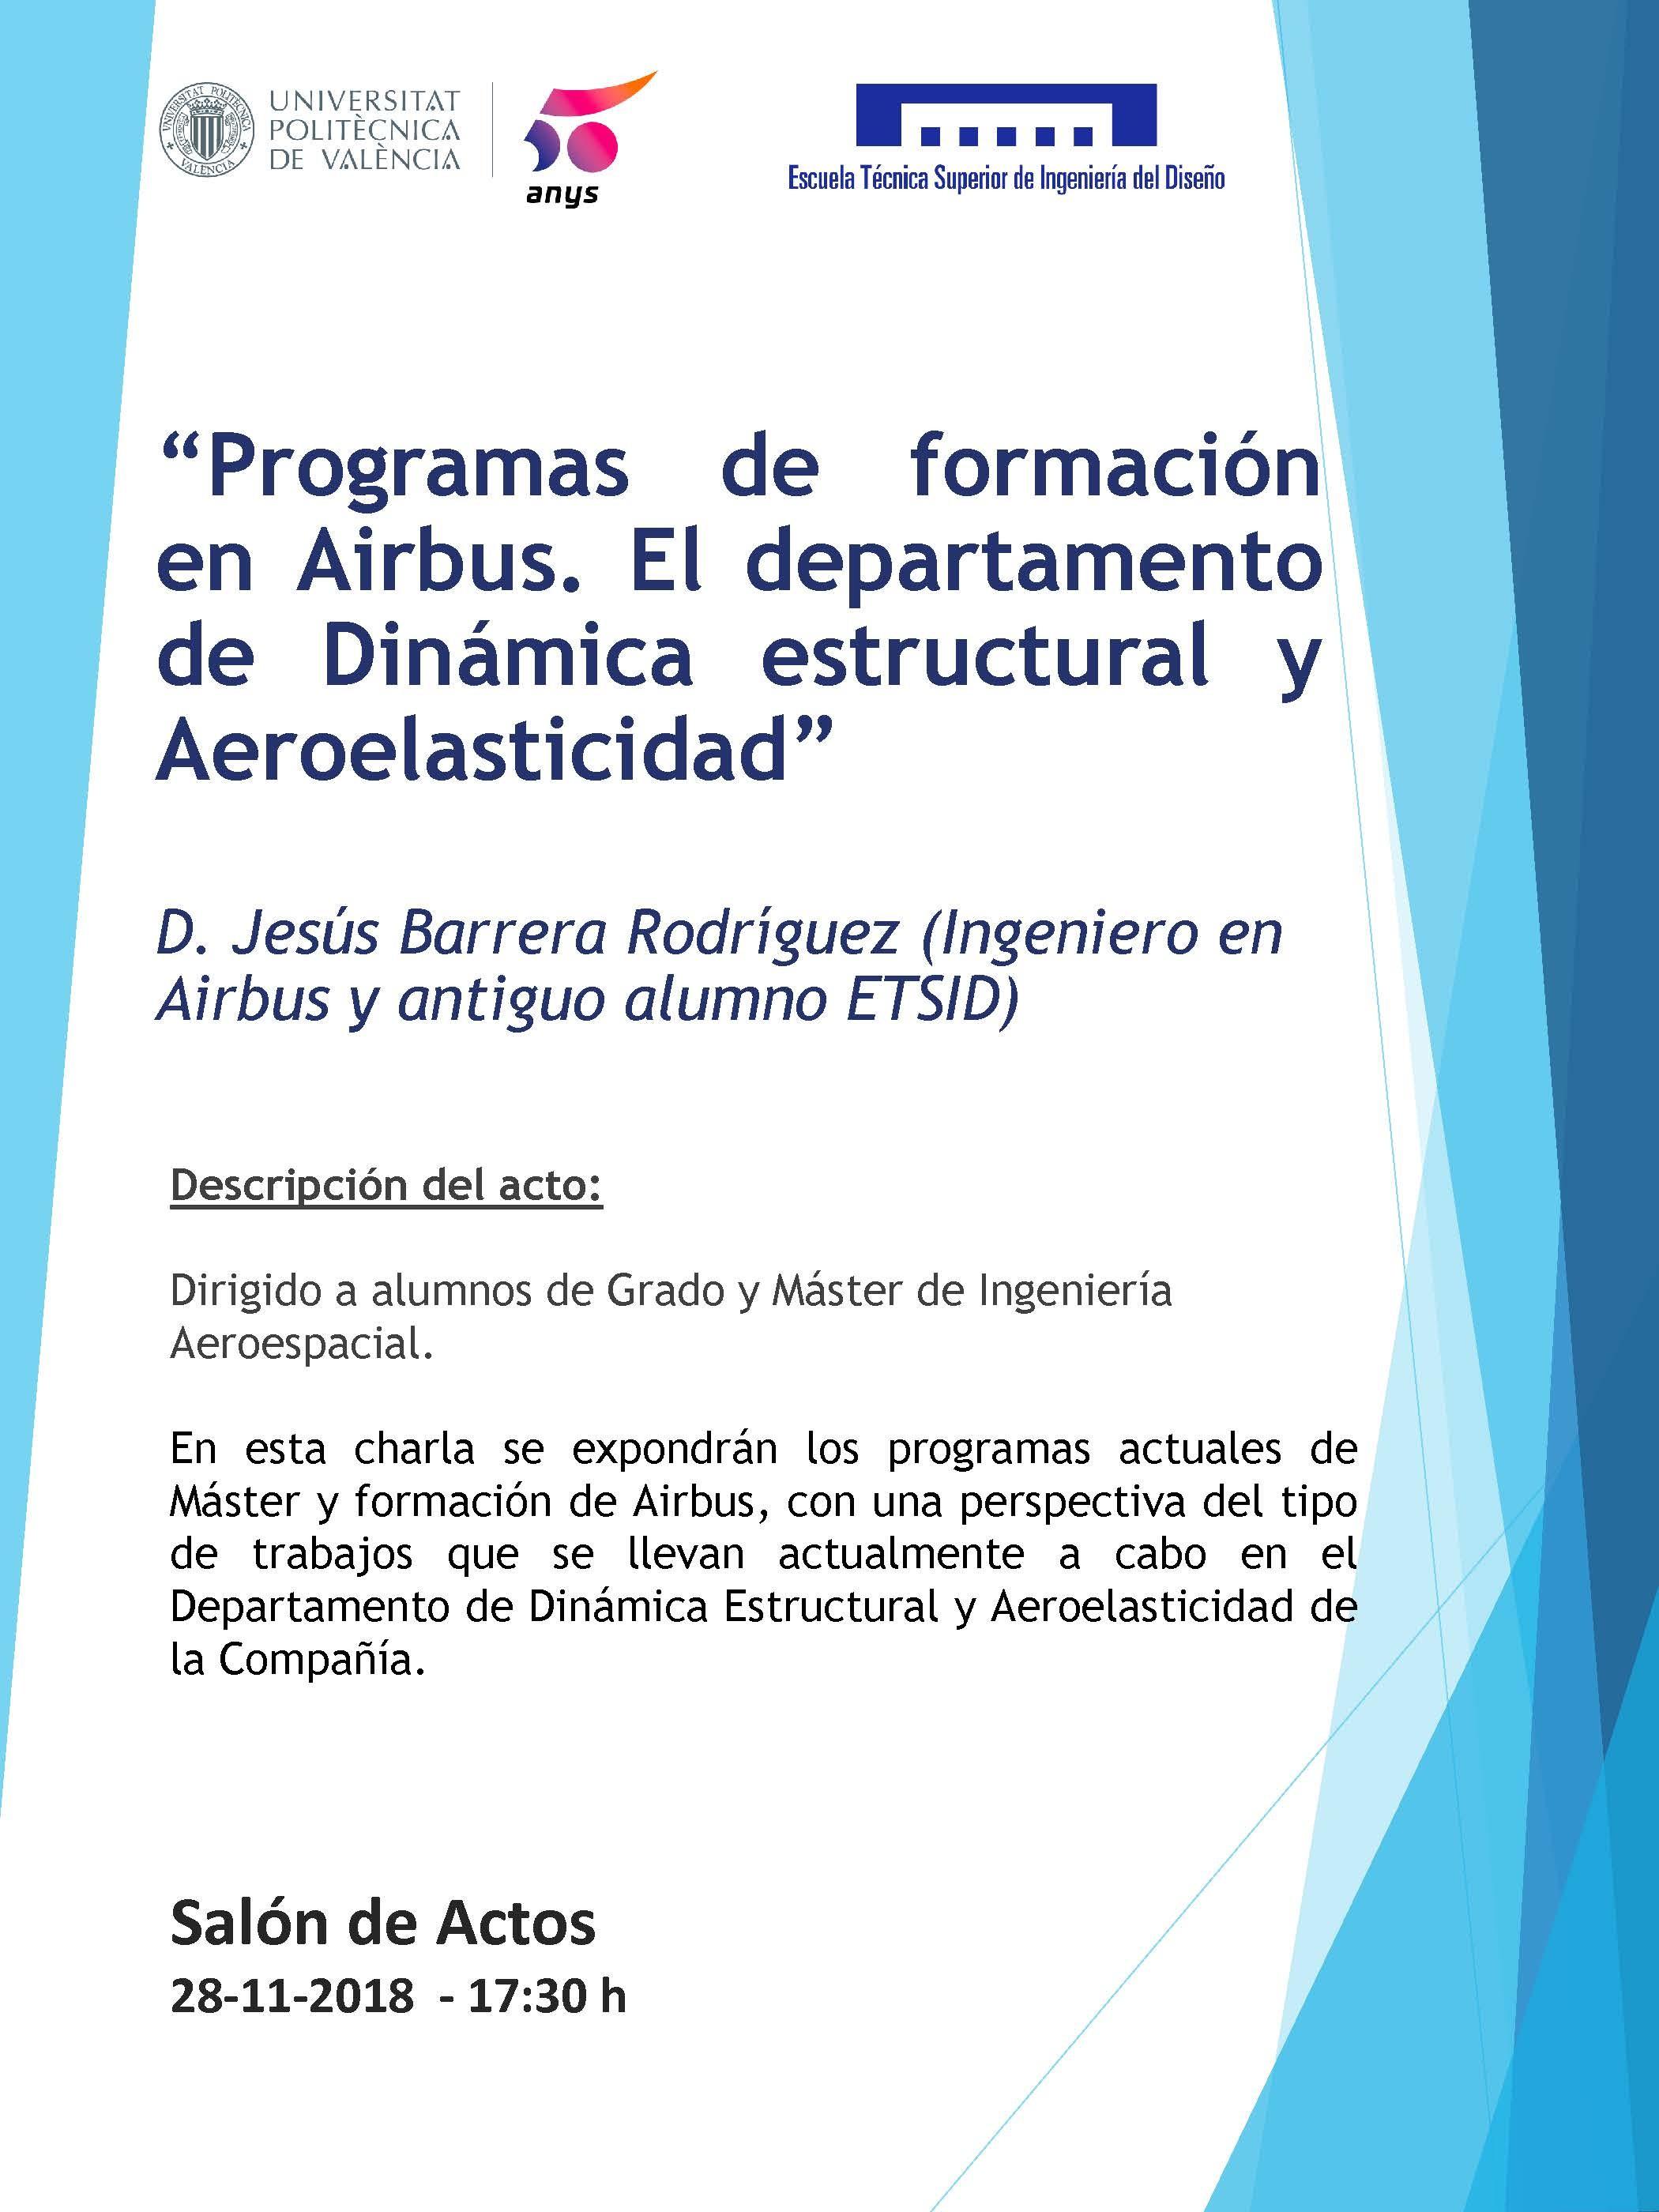 Calendario 2019 Laboral Sevilla Más Recientemente Liberado Etsid Of Calendario 2019 Laboral Sevilla Más Recientemente Liberado Calaméo Diario De Noticias De lava